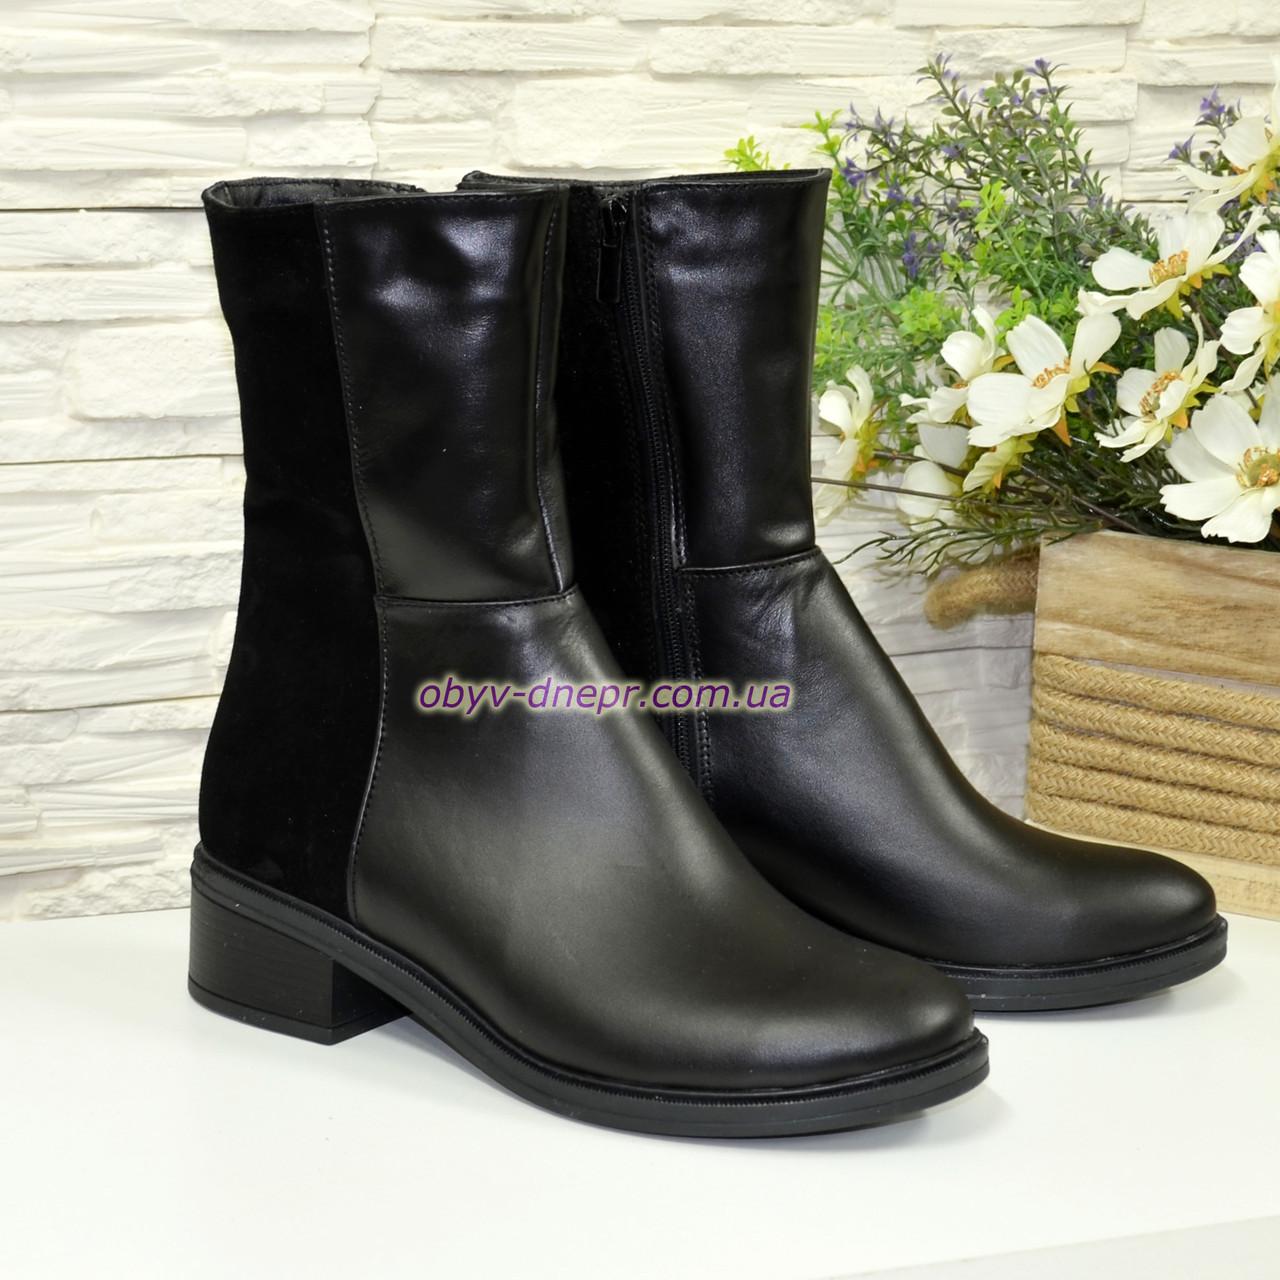 9a82cc0f7 Ботинки комбинированные демисезонные на невысоком каблуке, из натуральной  кожи и замши черного цвета